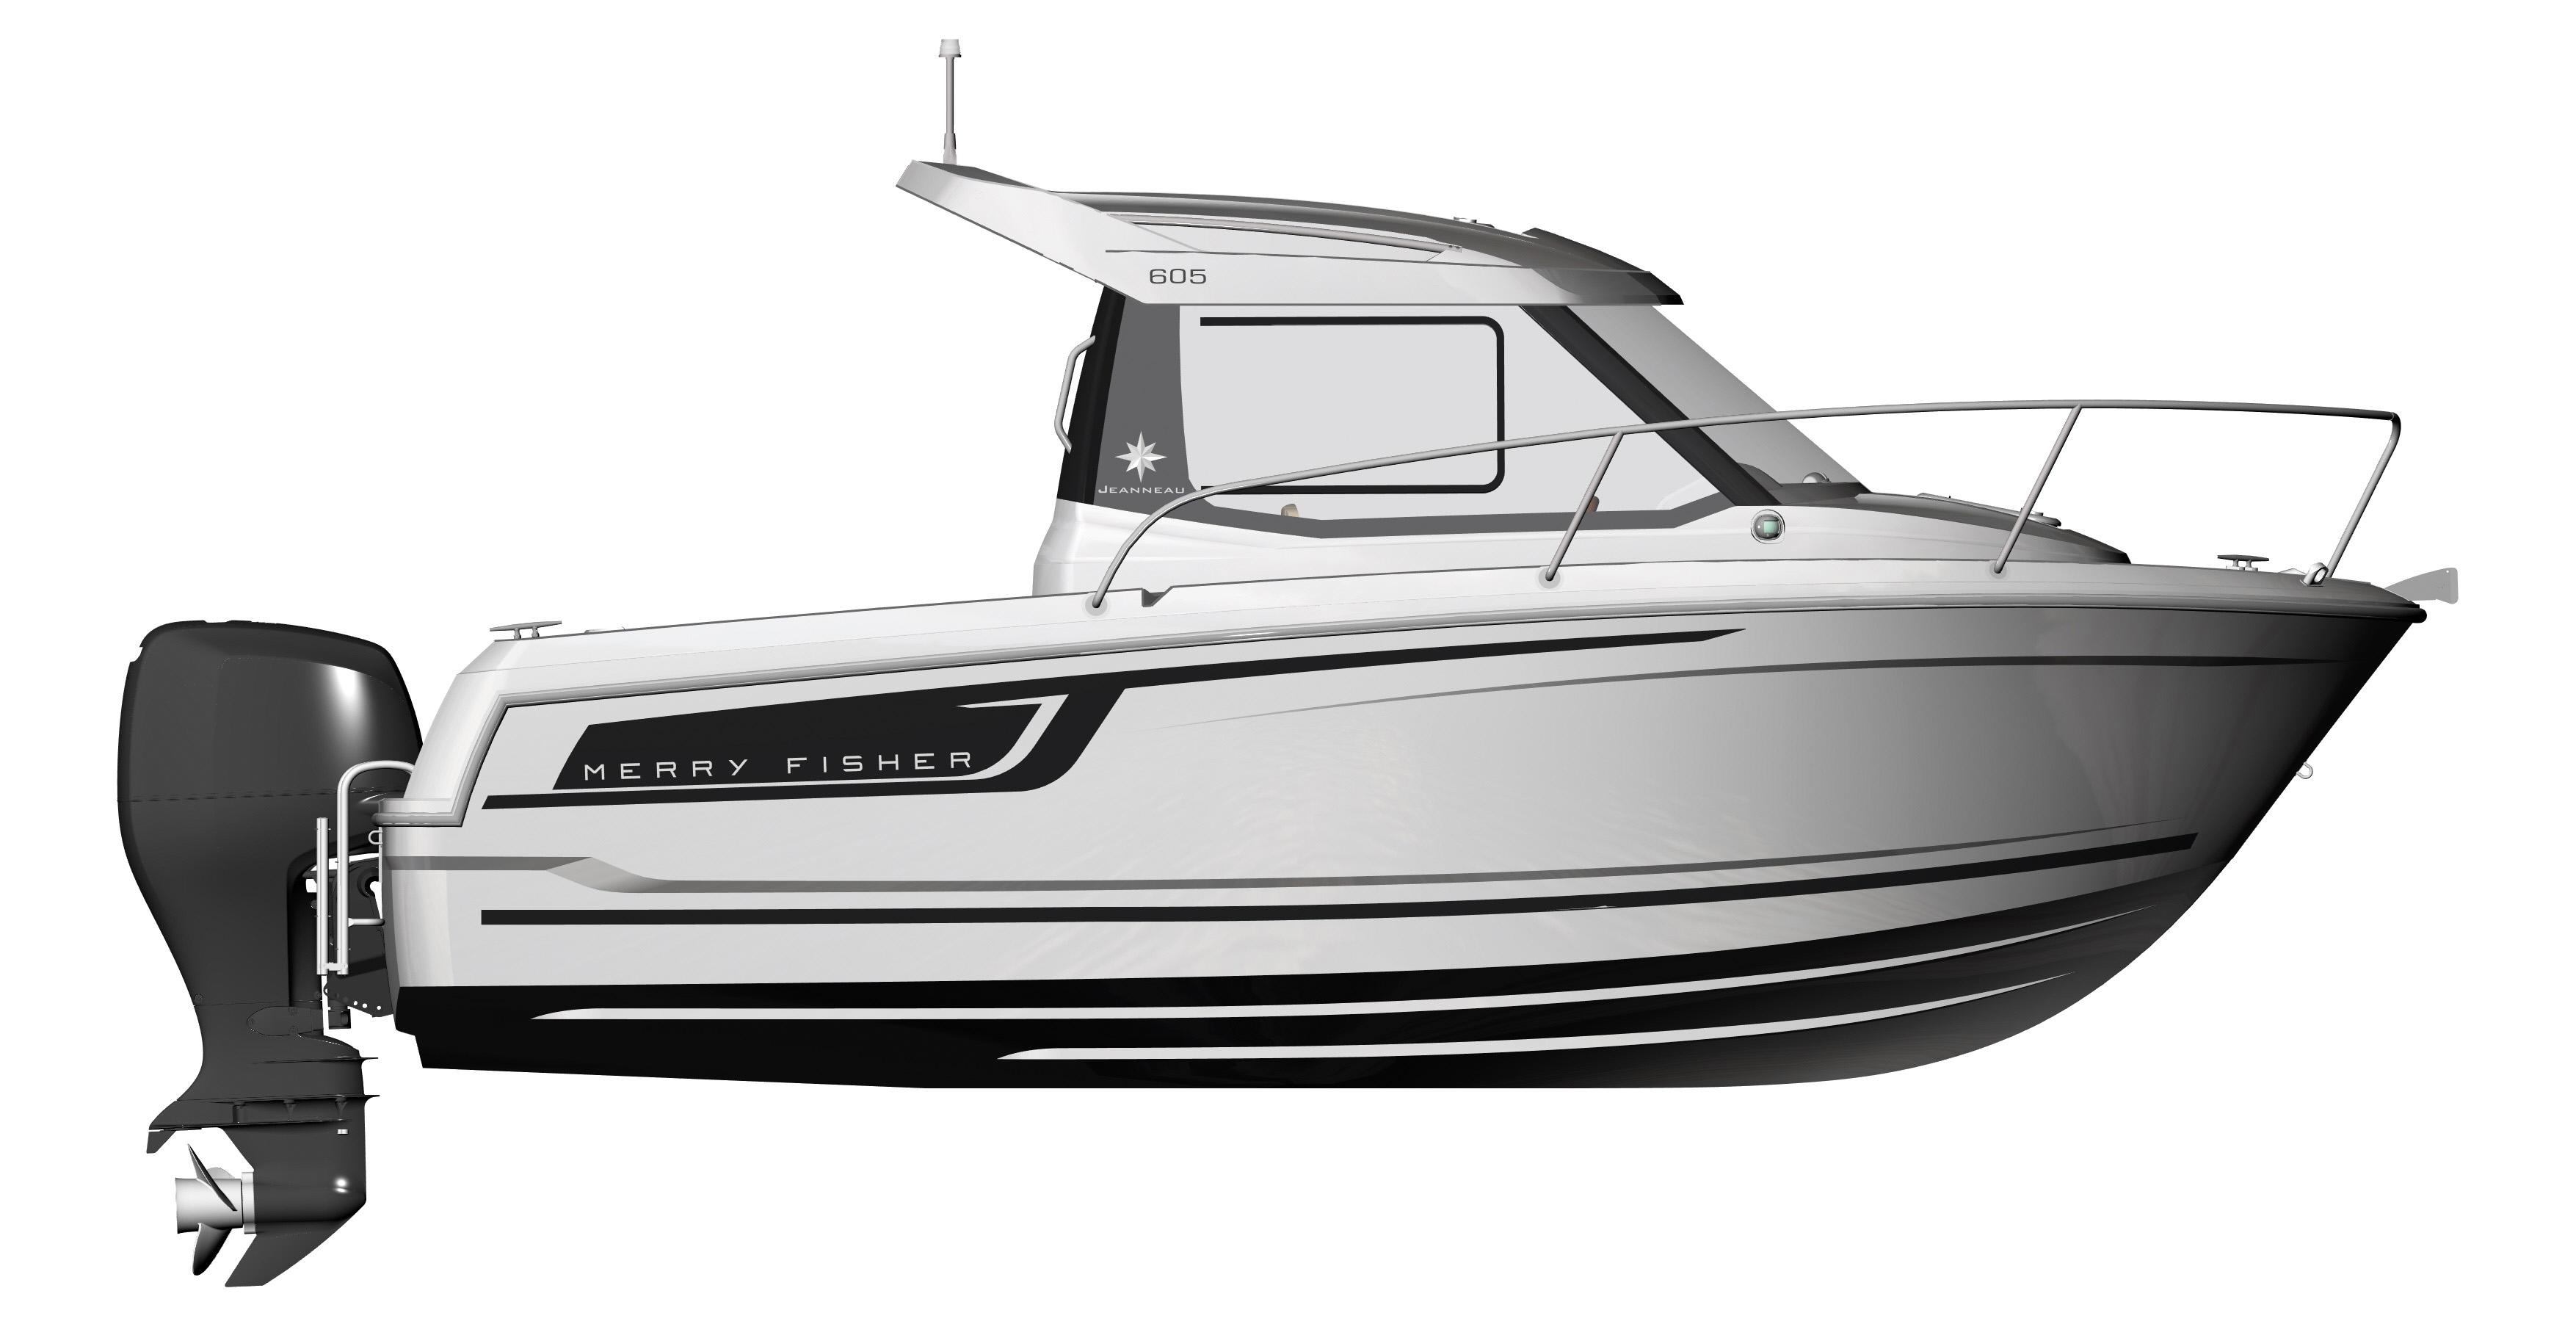 Profil-MF605-2015-tr-